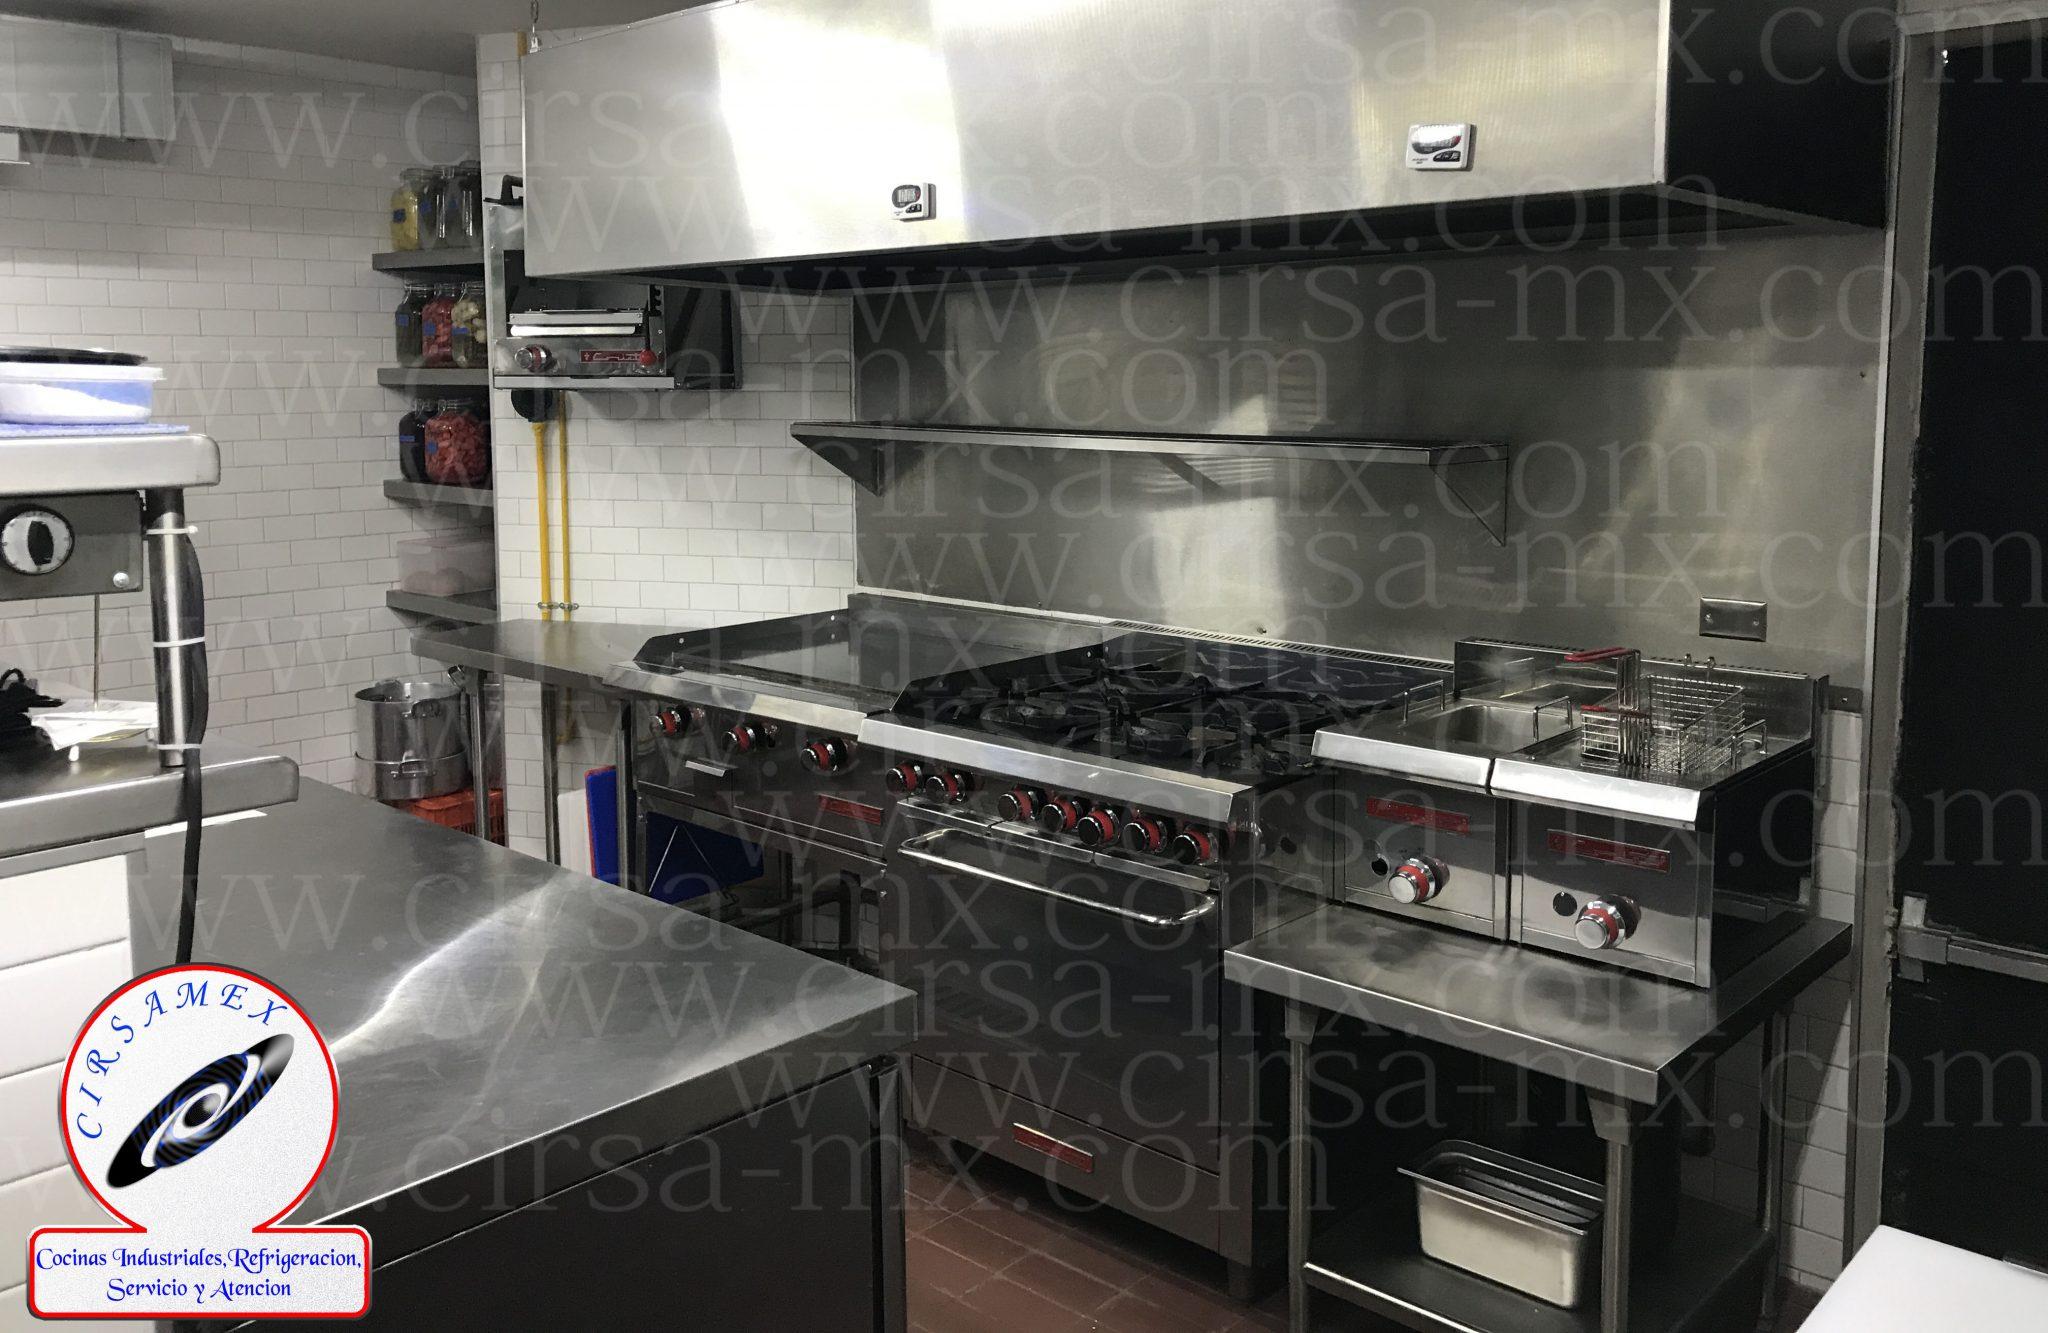 Cocinas industriales todo el mobiliario que buscas para for Todo para cocinas industriales